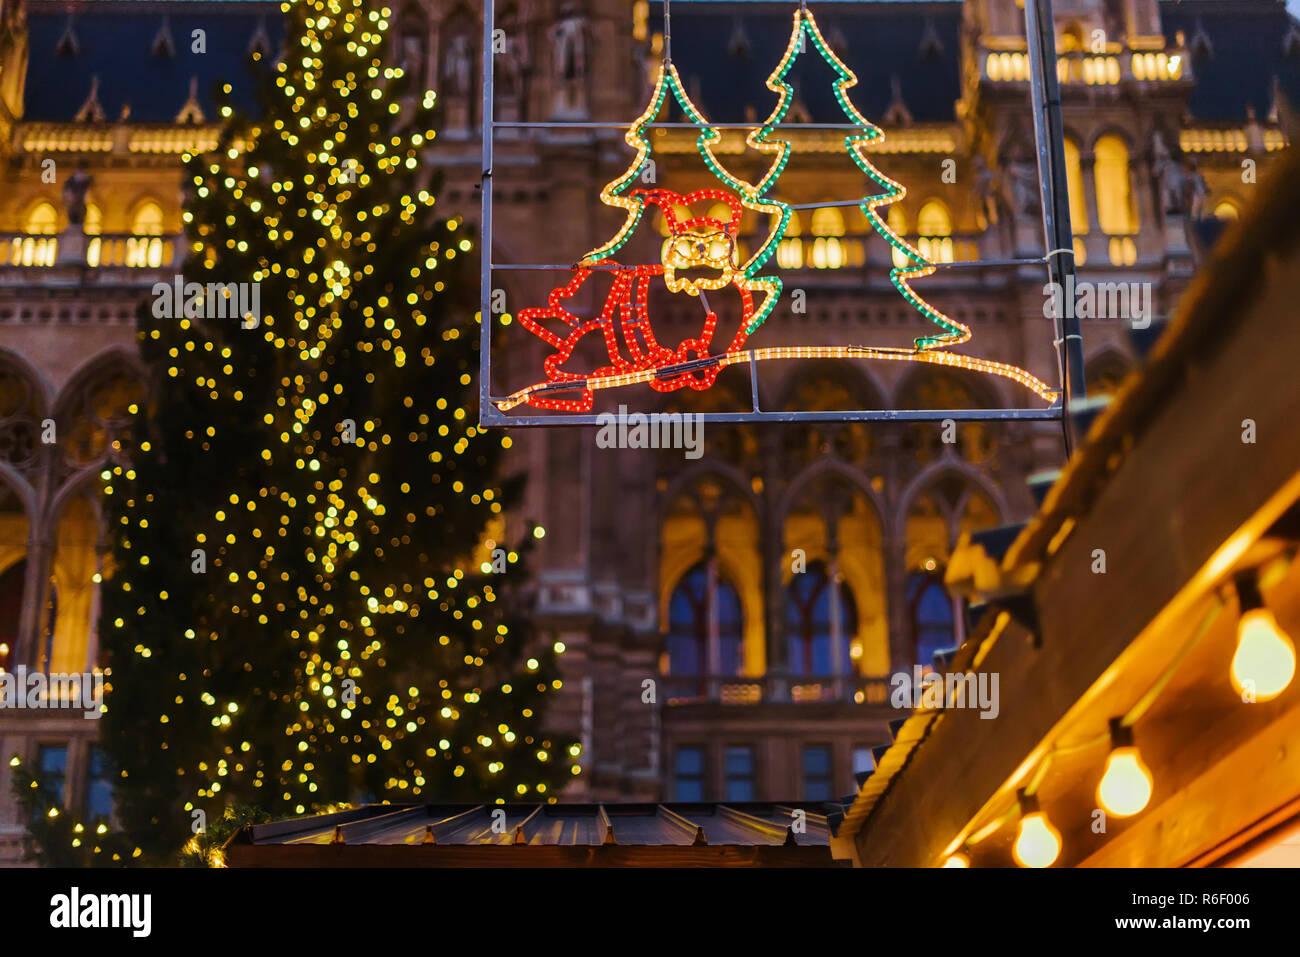 österreich Weihnachtsbaum.Wien österreich 24 Dezember 2017 Beleuchtete Dekorative